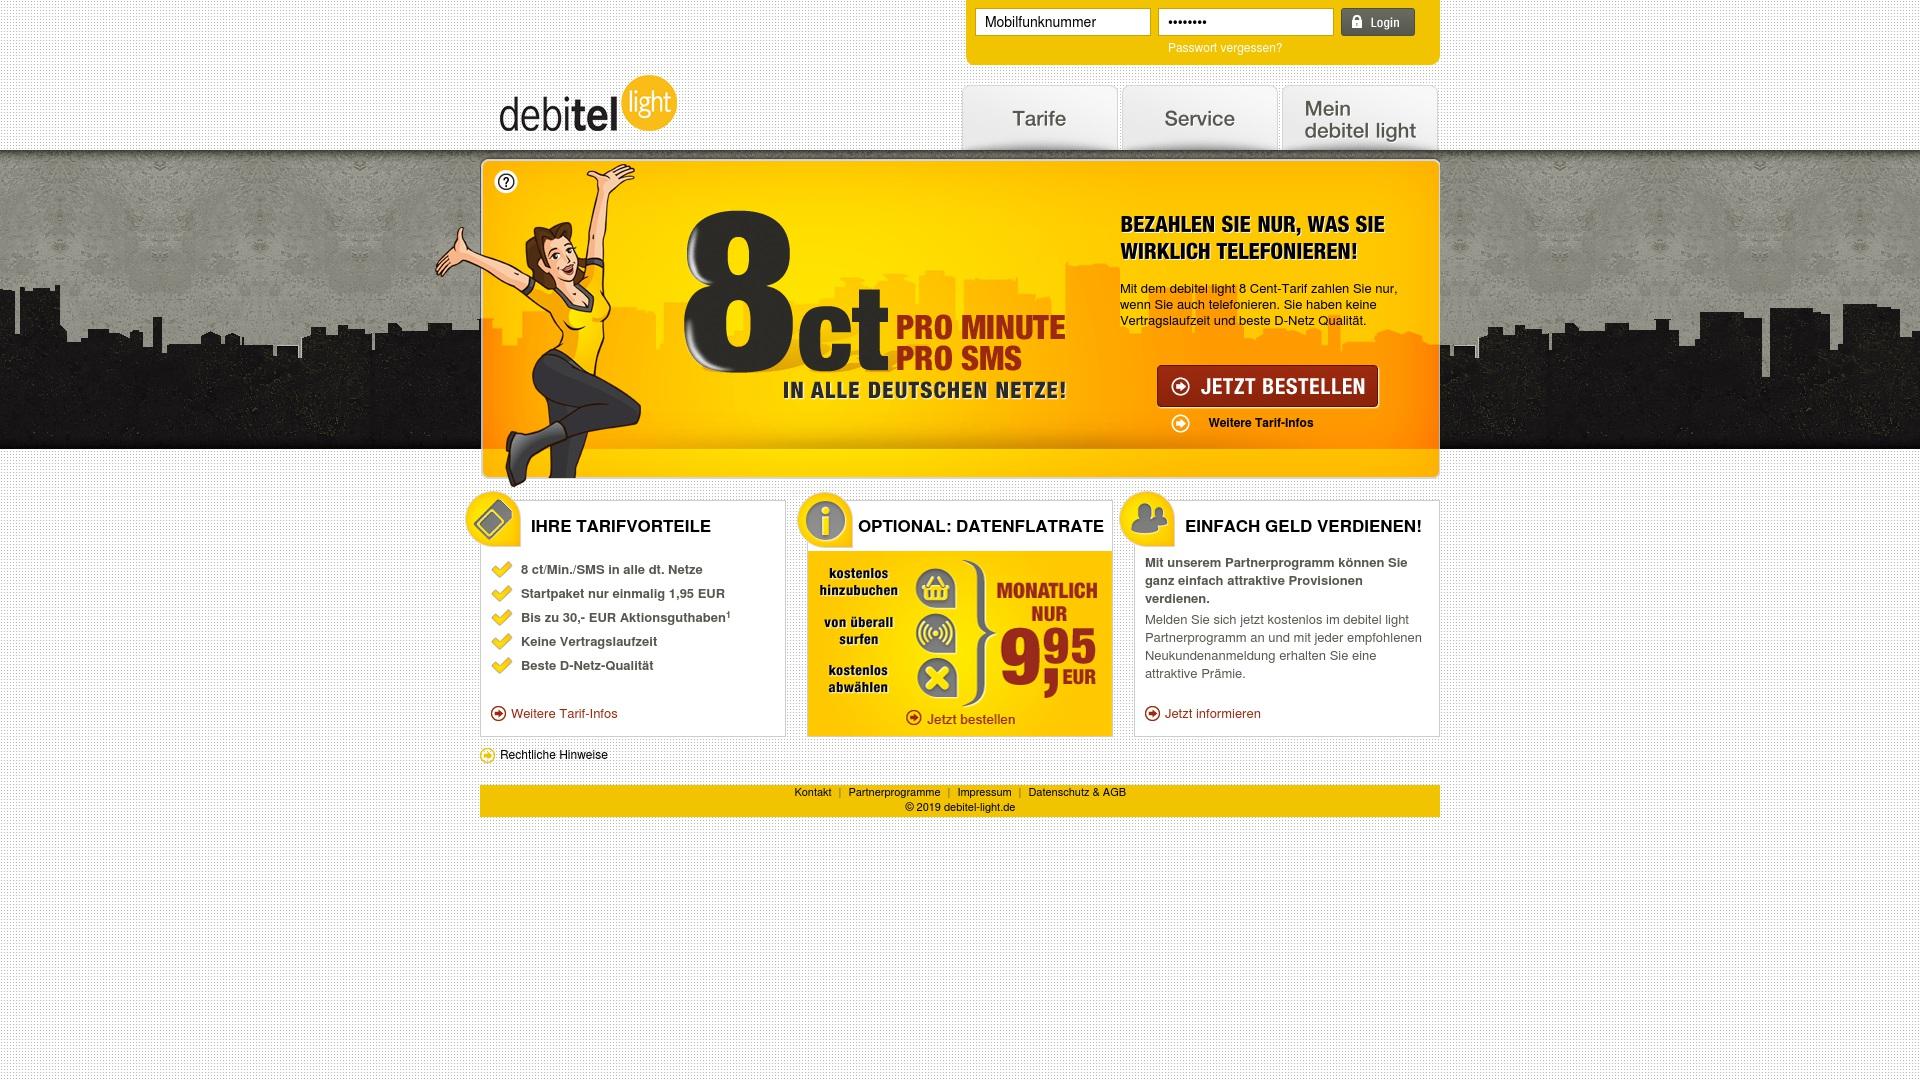 Gutschein für Debitel-light: Rabatte für  Debitel-light sichern